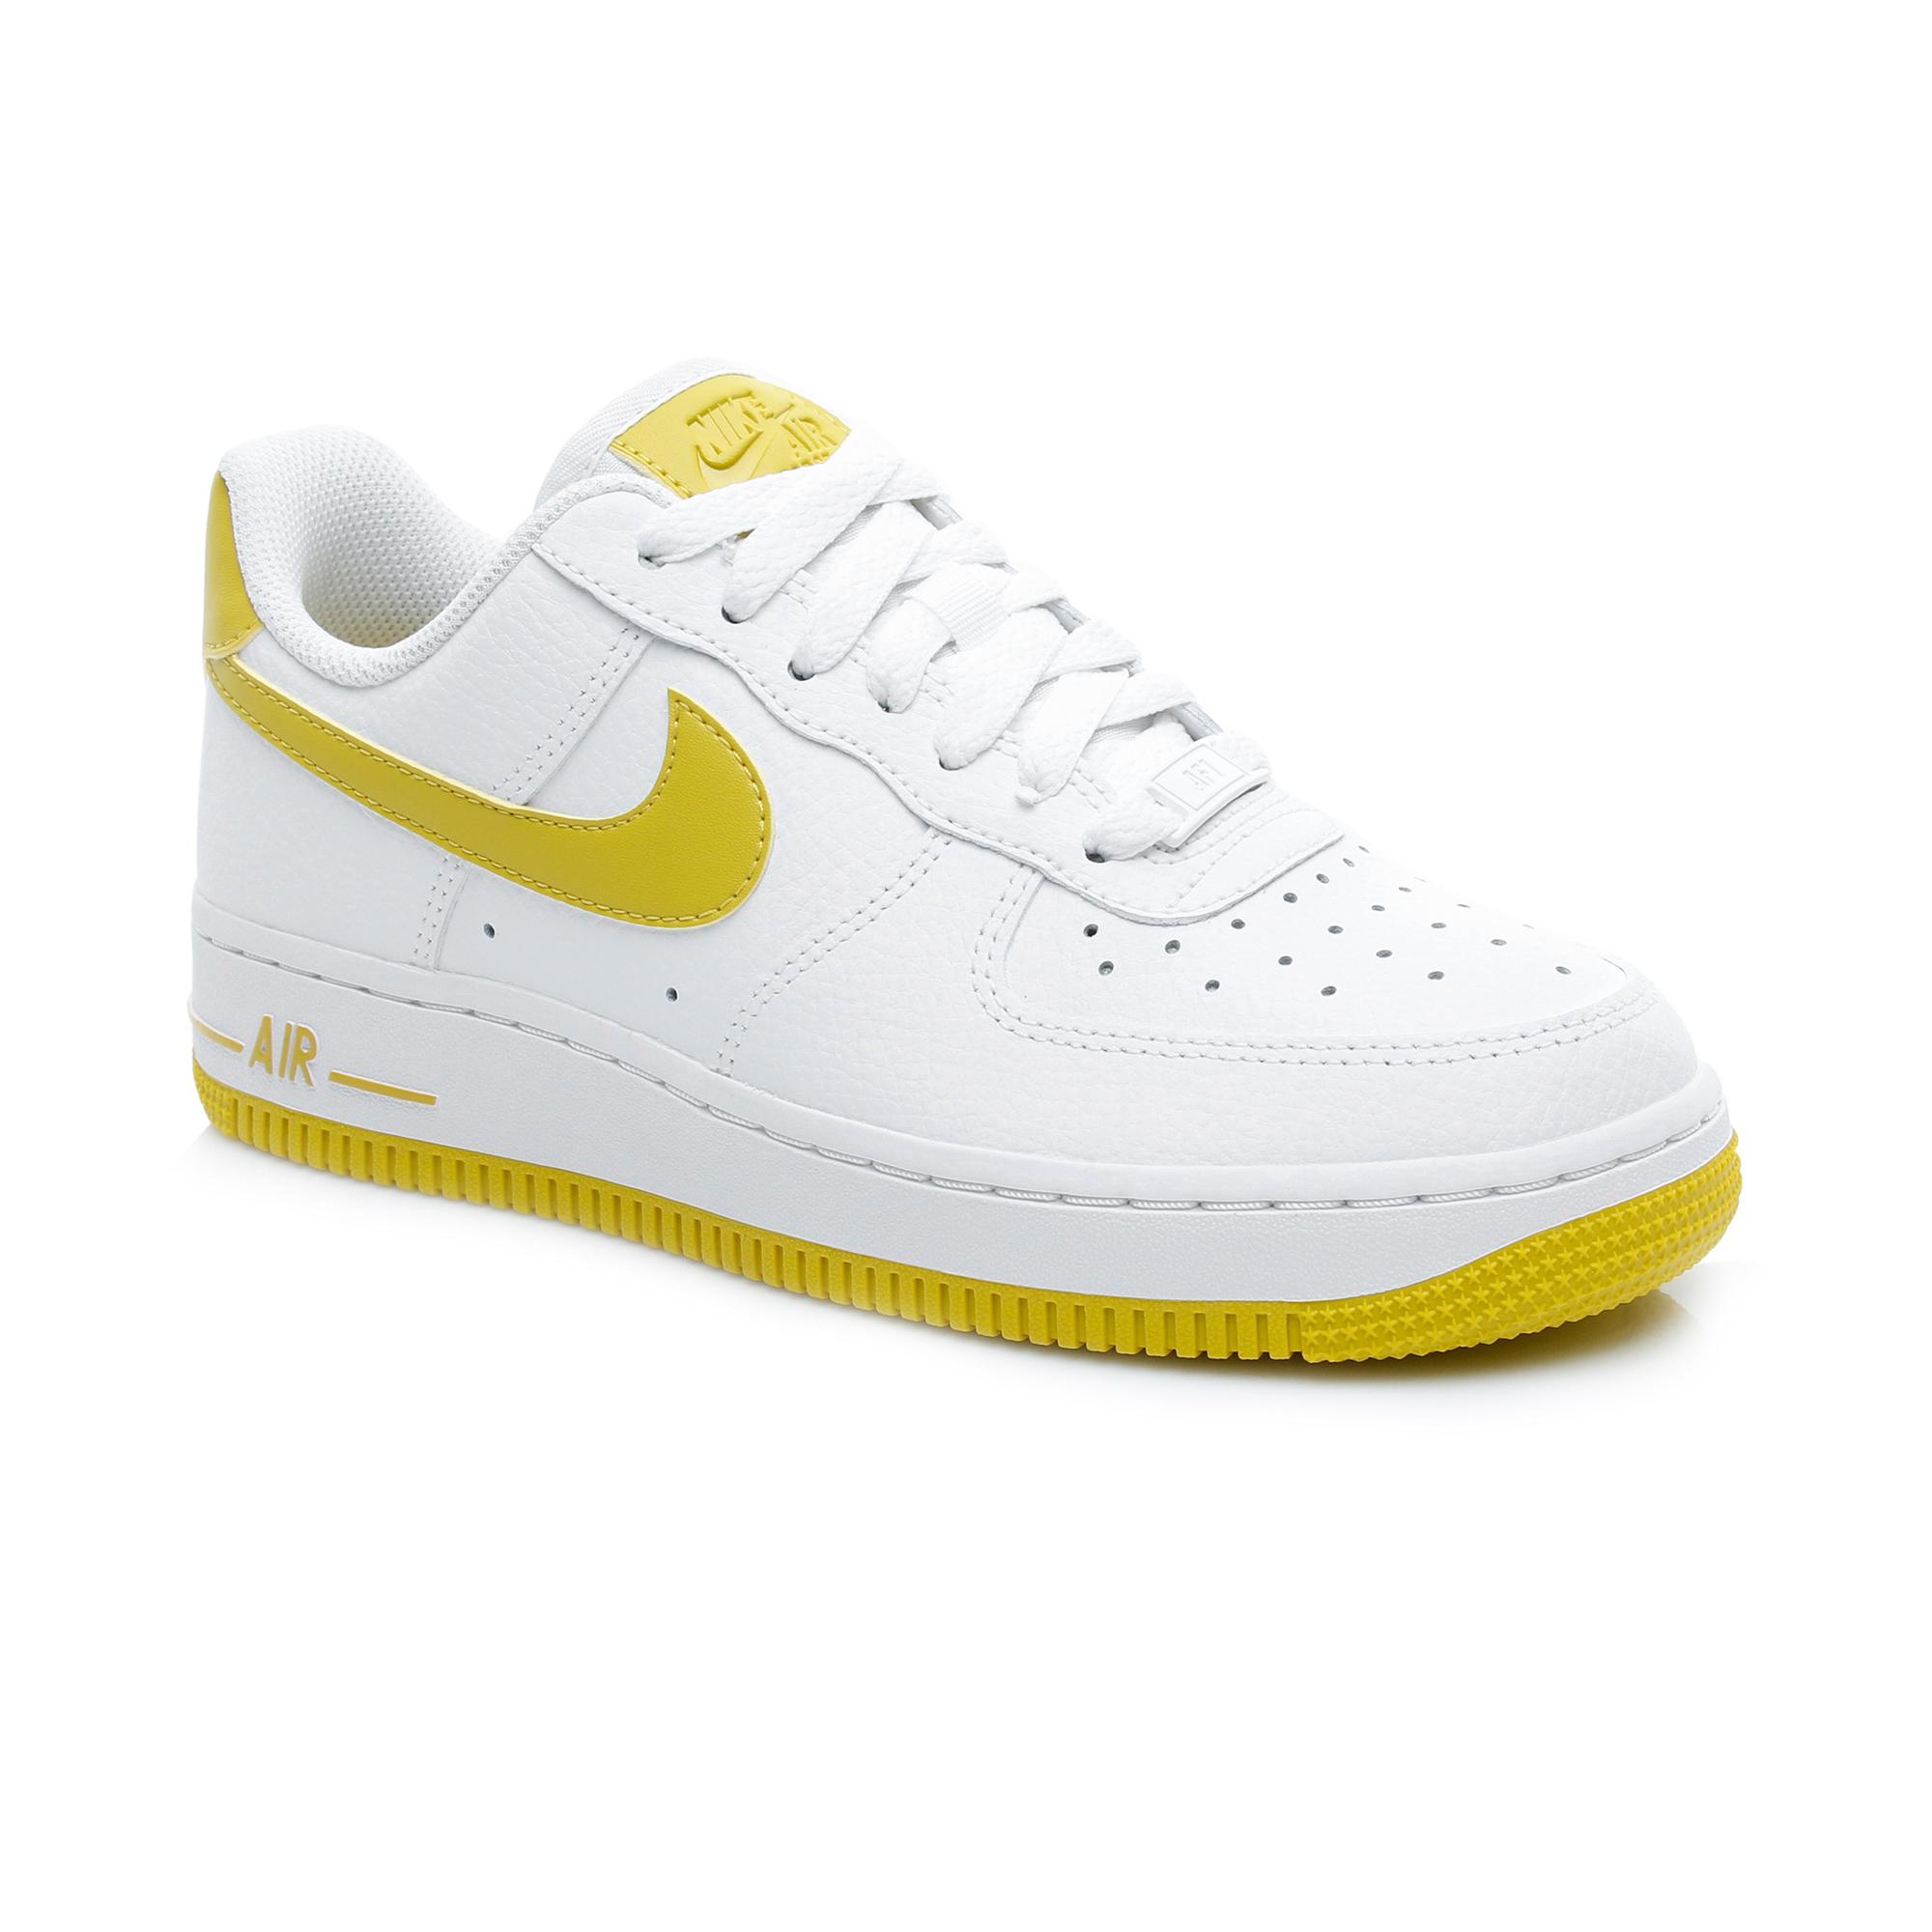 Nike Air Force 1 '07 Patent Beyaz-Sarı Kadın Spor Ayakkabı